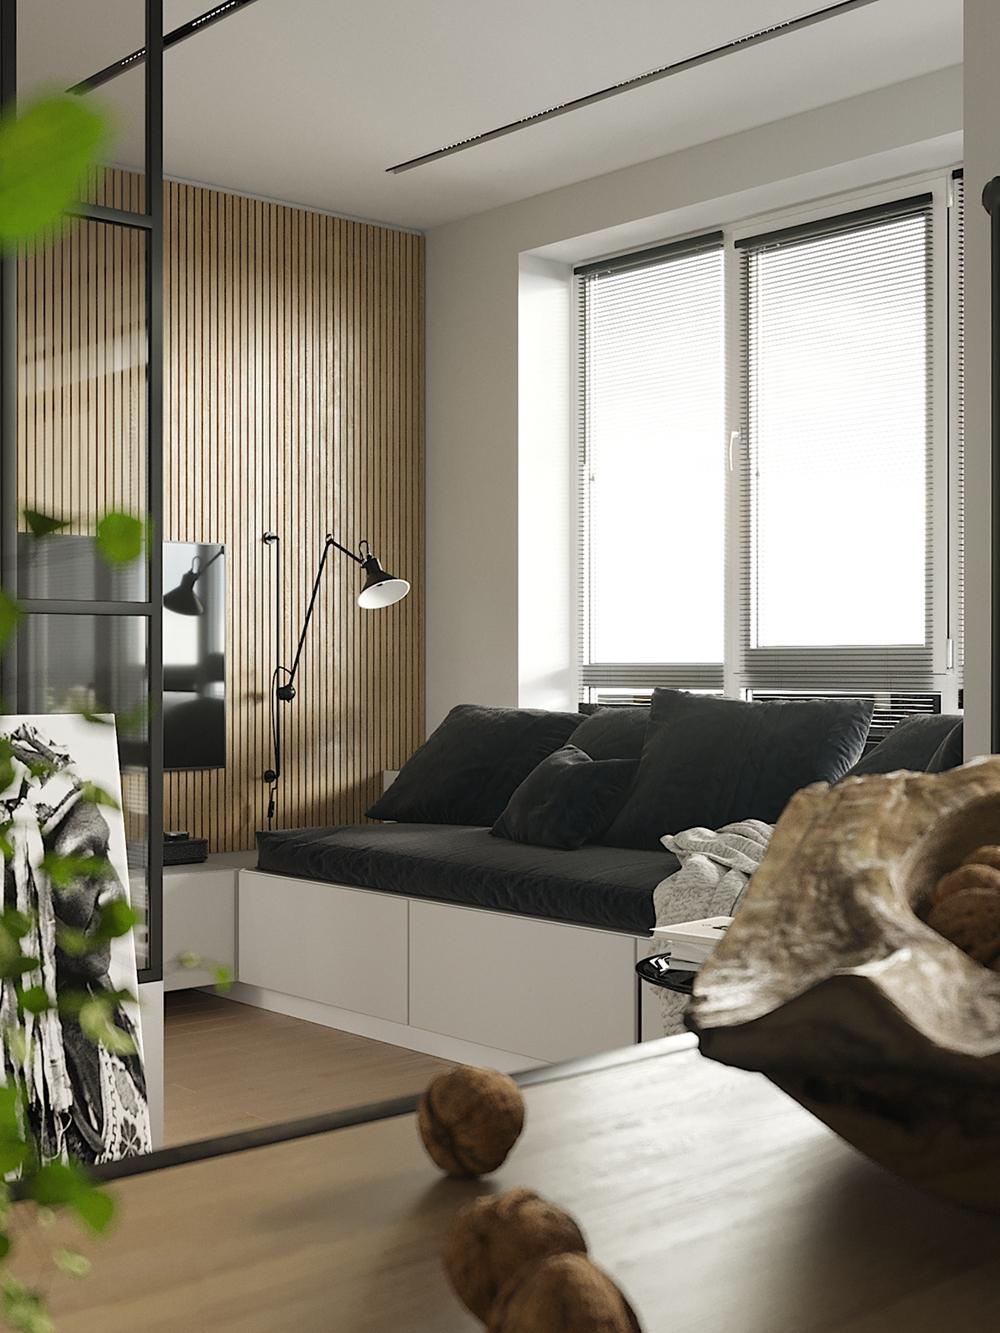 客厅紧凑,以精简的品味统领布局,用不同的视角打造出现代家居生活。